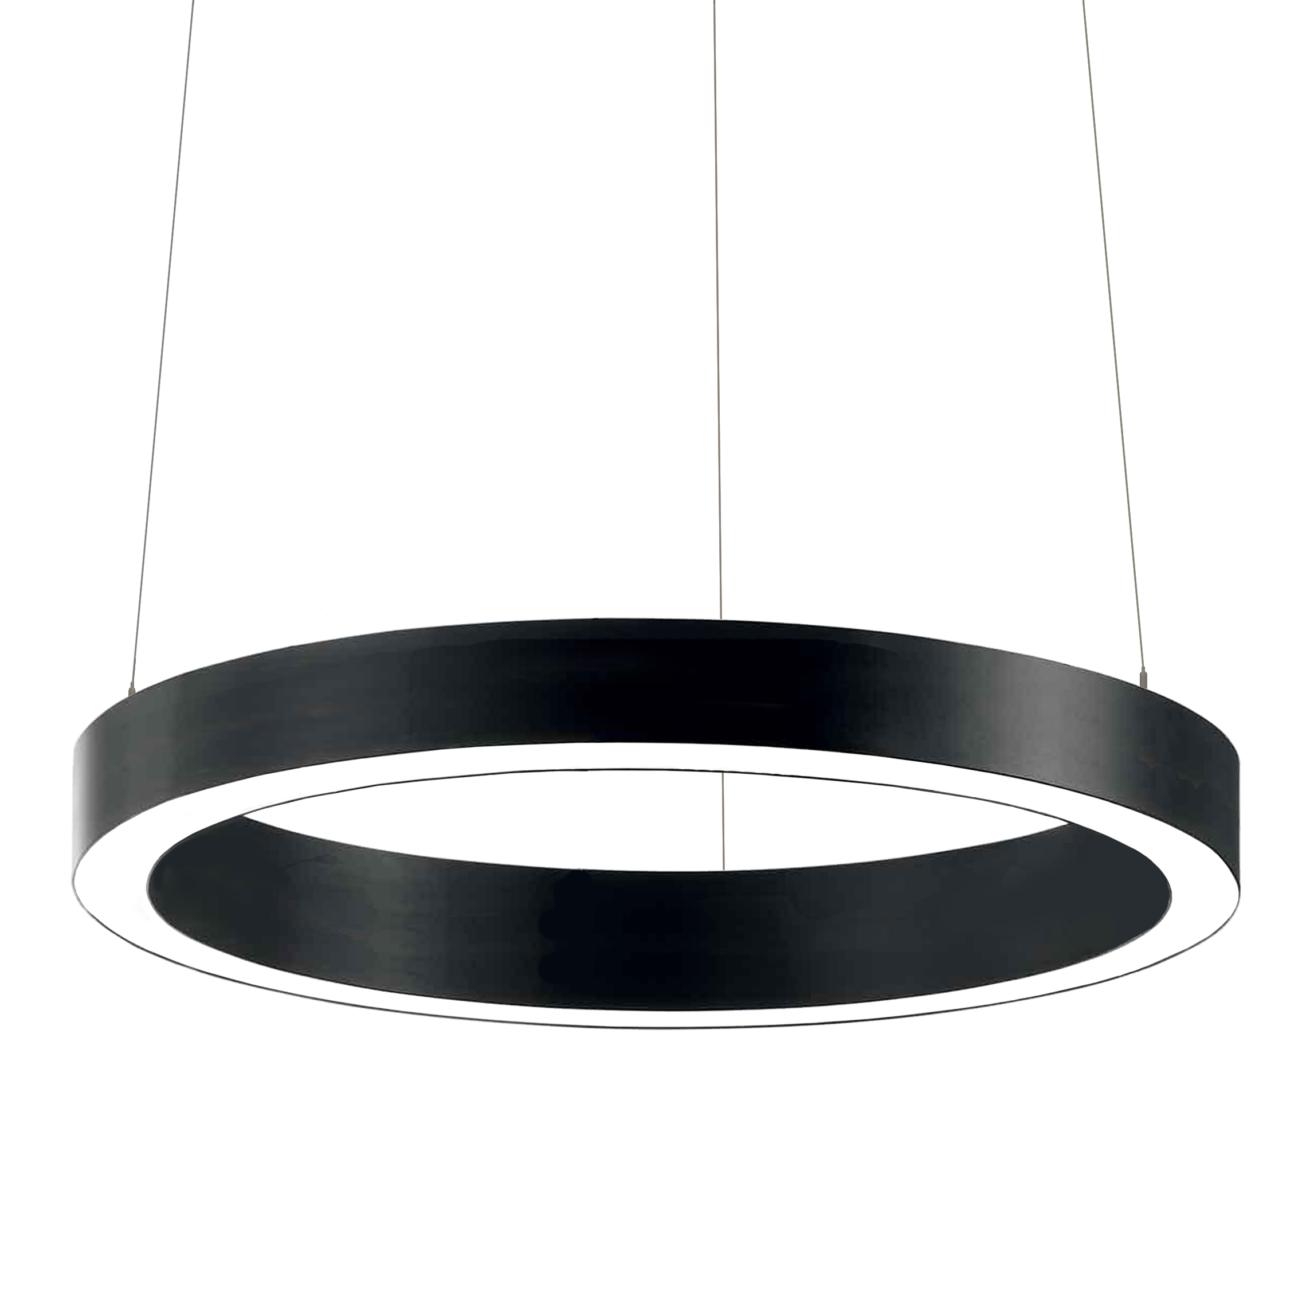 Светильник Ring 5060-450мм. 4000К/3000К. 19W/40W купить в Москве